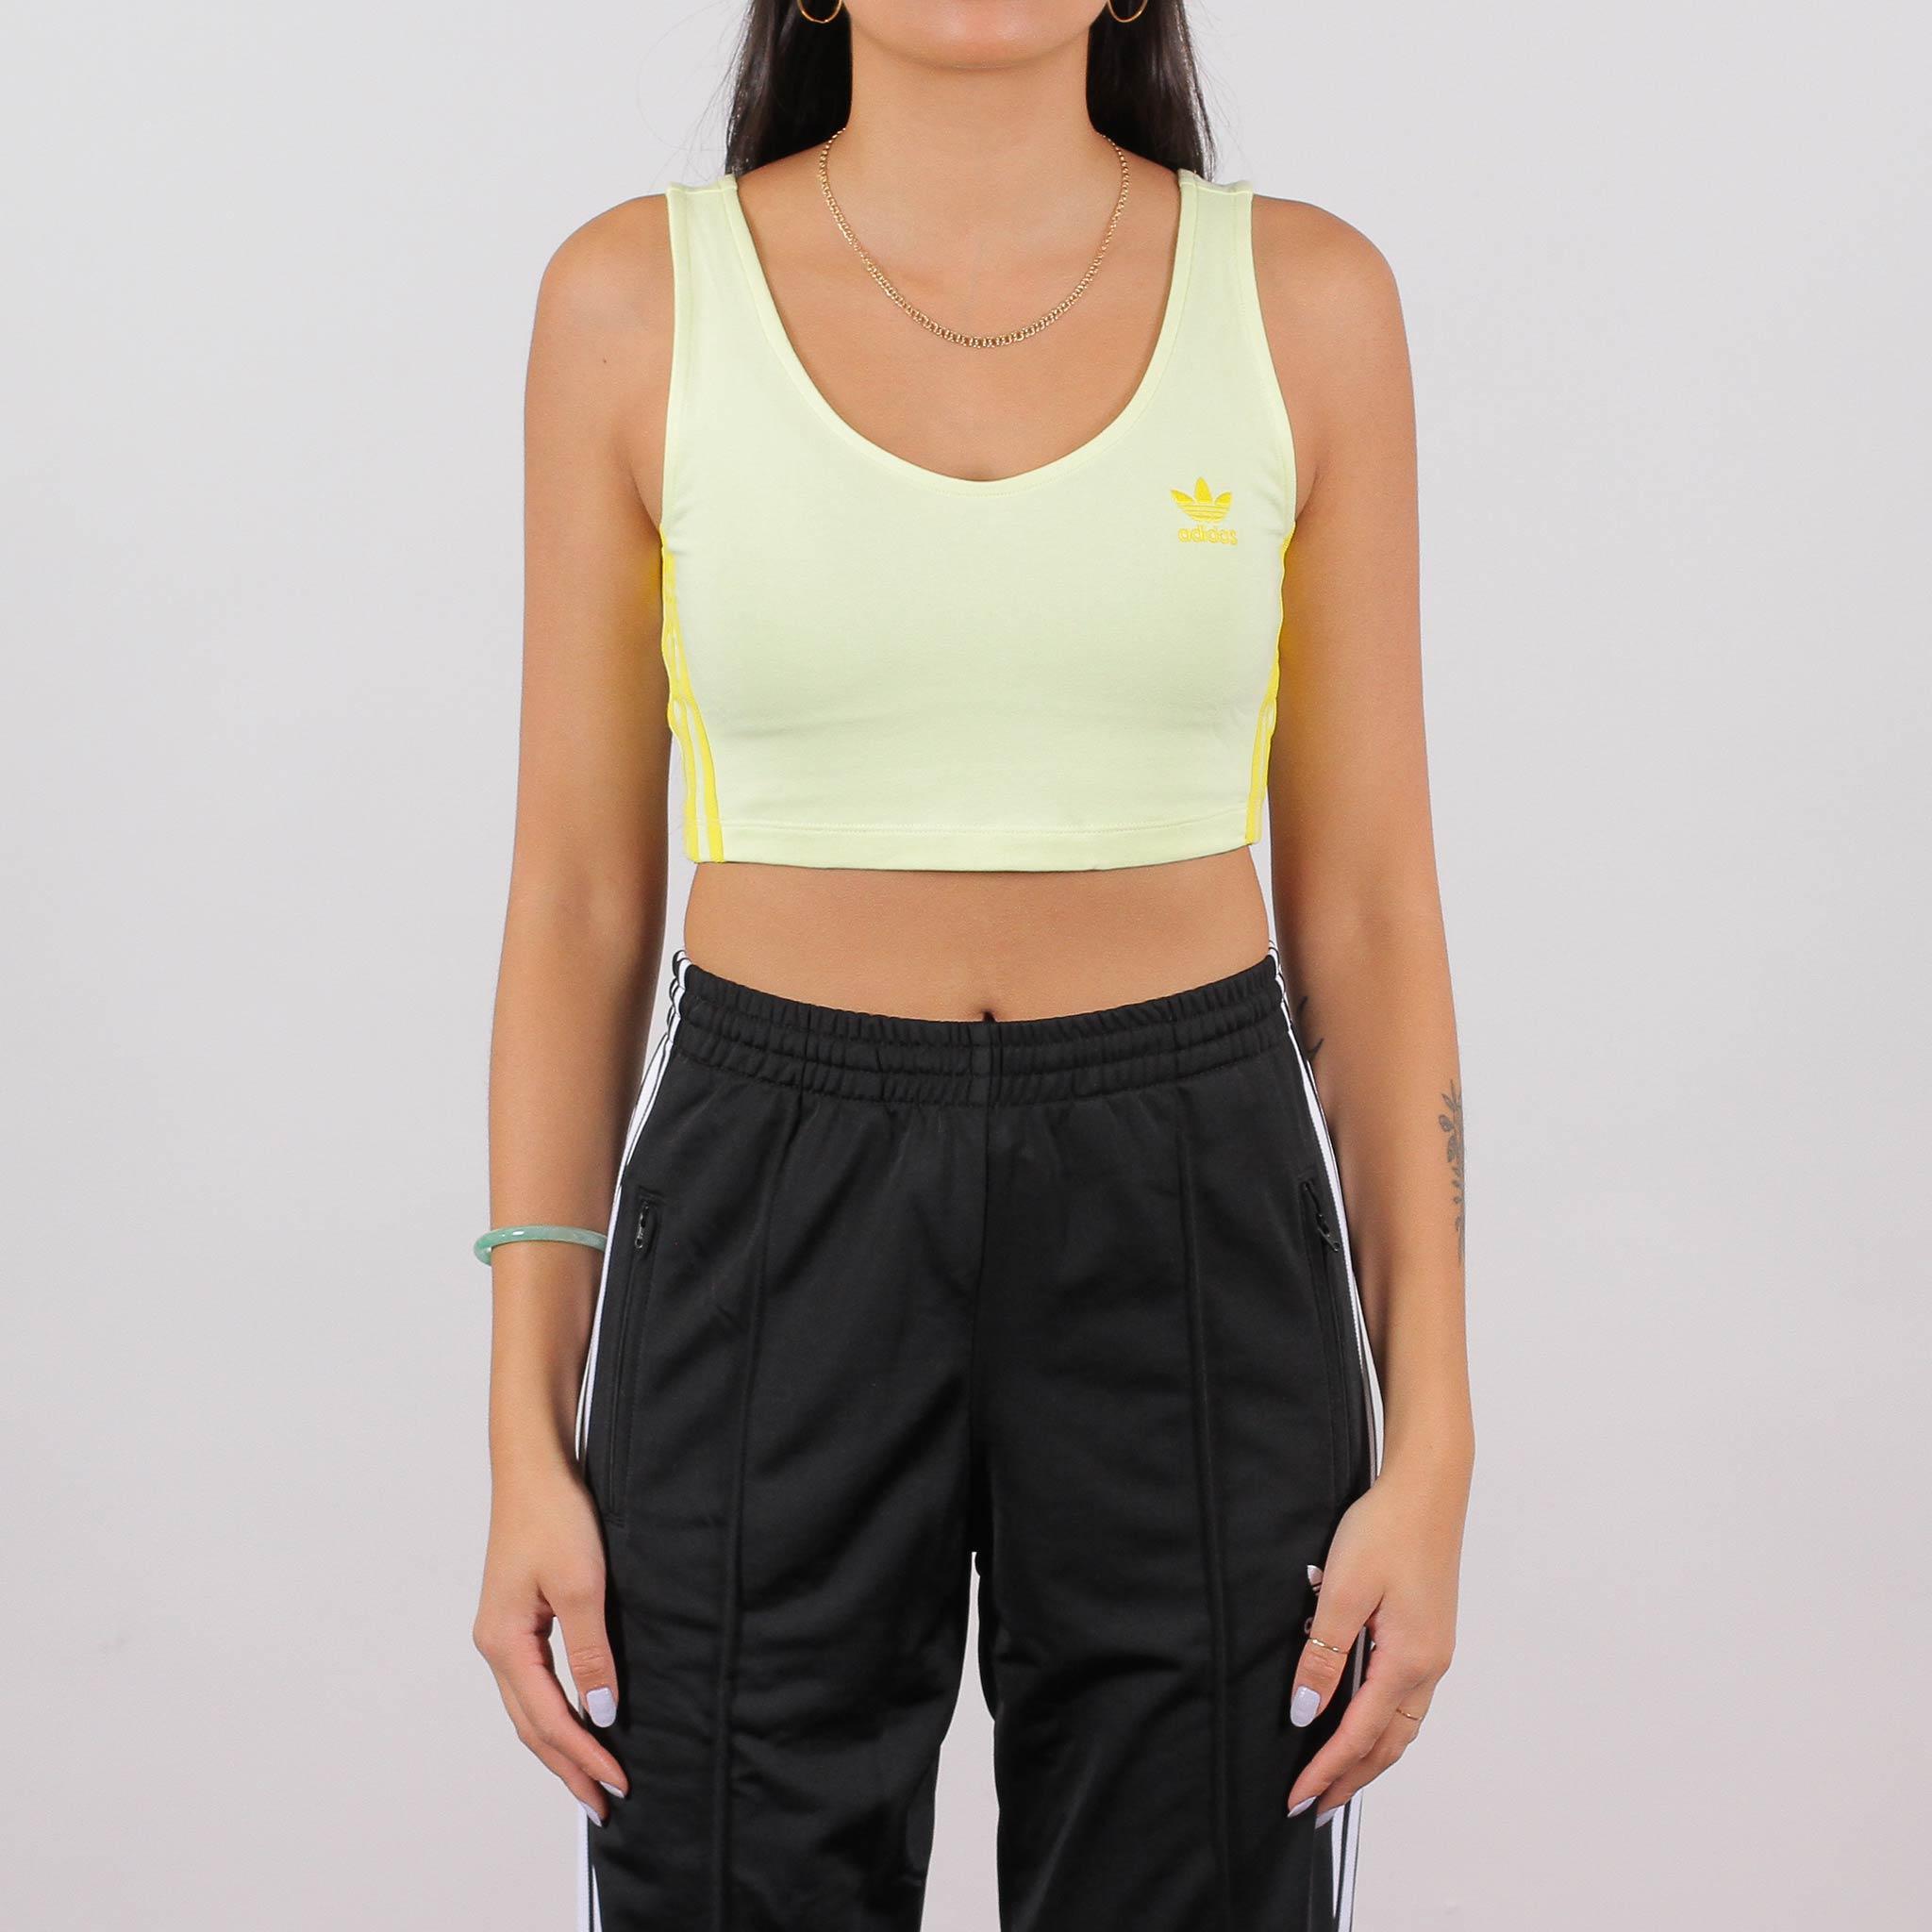 Refinar soltero galería  Shelta - Adidas Originals Womens Crop Tank Ice Yellow (FK0481)